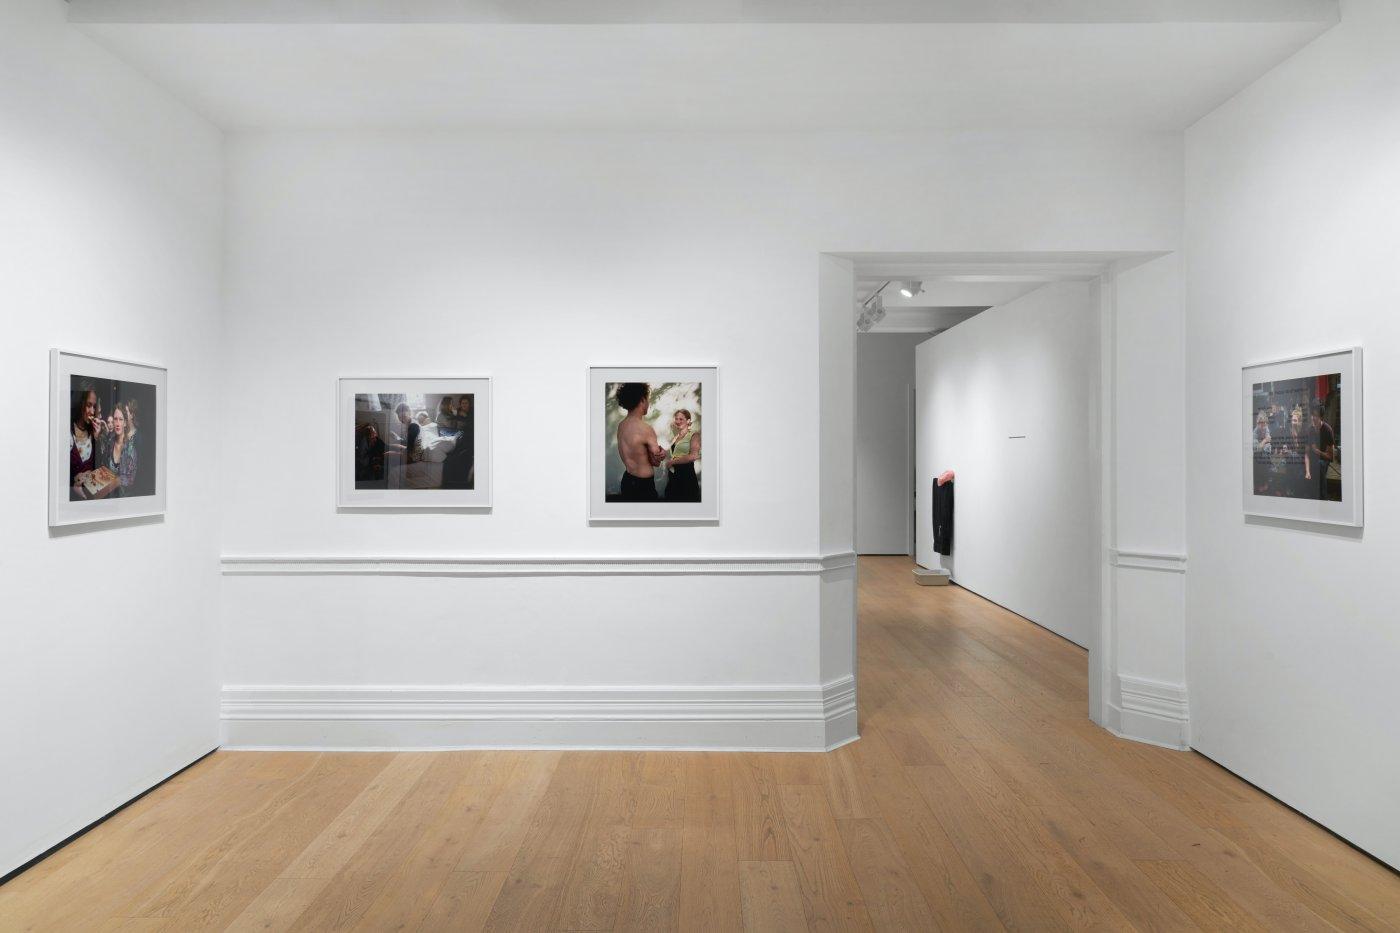 Richard Saltoun On Hannah Arendt Eleanor Antin and Sian Davey 5